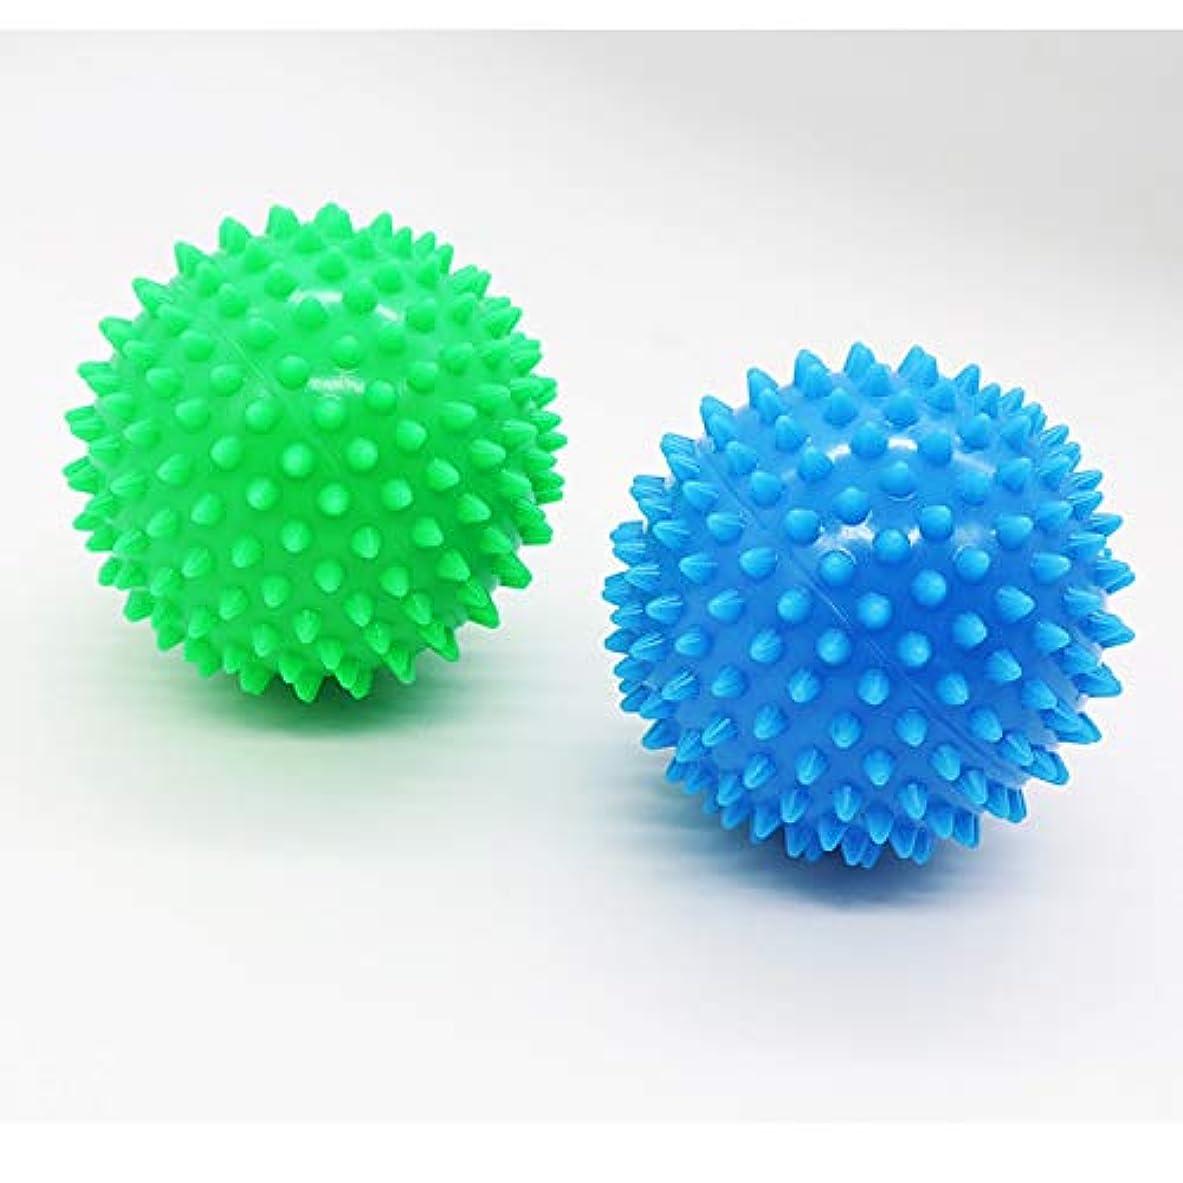 ファセットリーガン段階Dreecy マッサージボール(2個セット)触覚ボール リフレックスボール トレーニングボール  ポイントマッサージ 筋筋膜リリース 筋肉緊張和らげ 血液循環促進 9cm(青+緑)